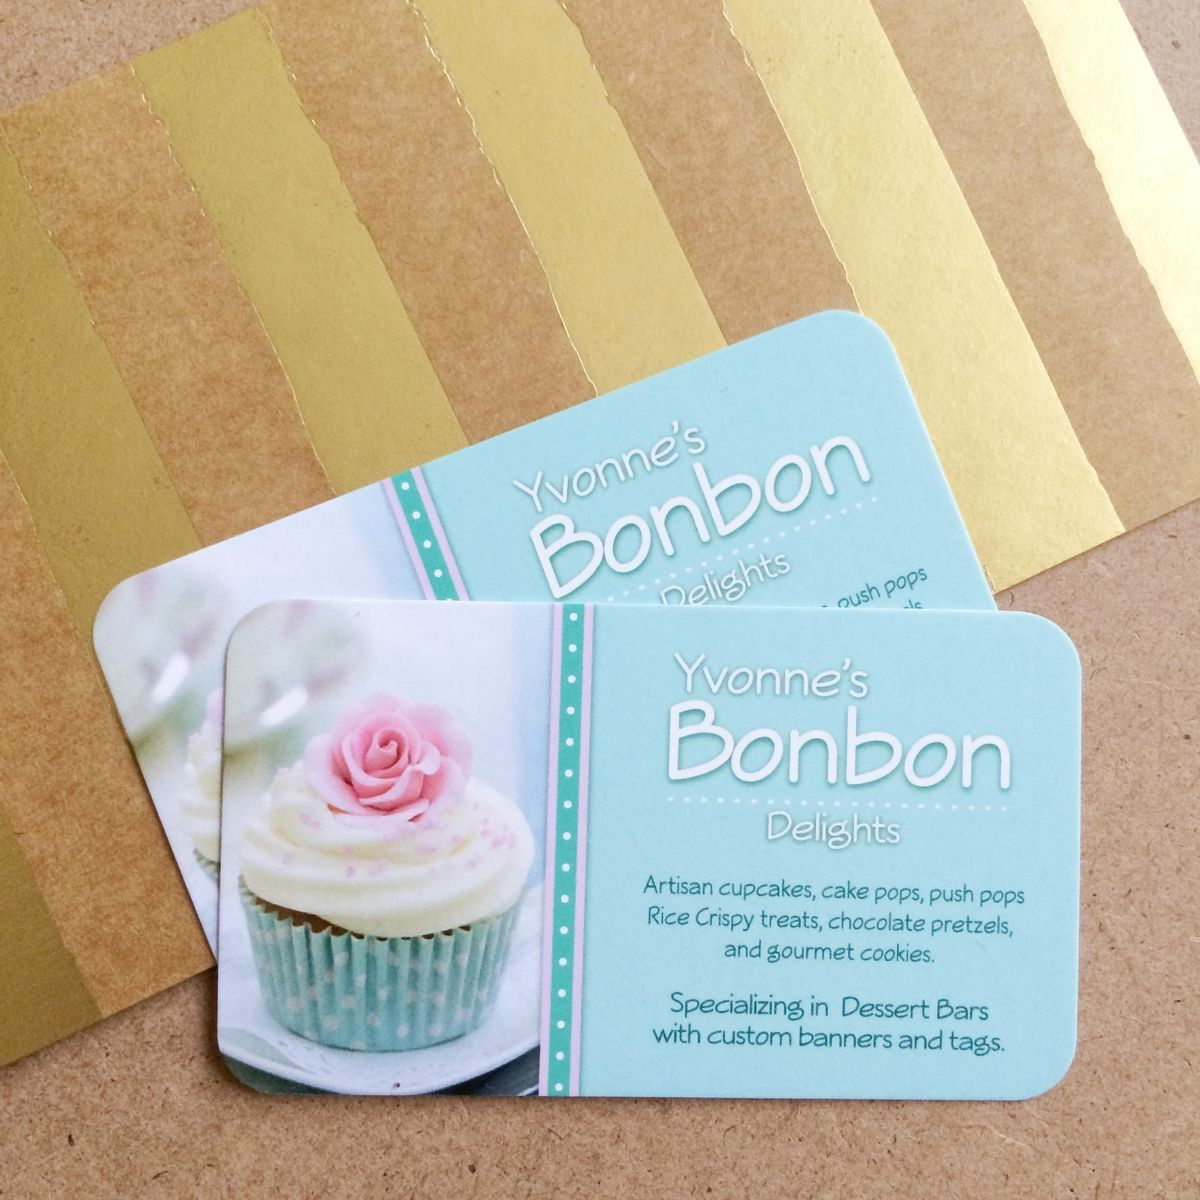 Pin by Visthanna Vimalakanthan on Cupcakes visiting card | Pinterest